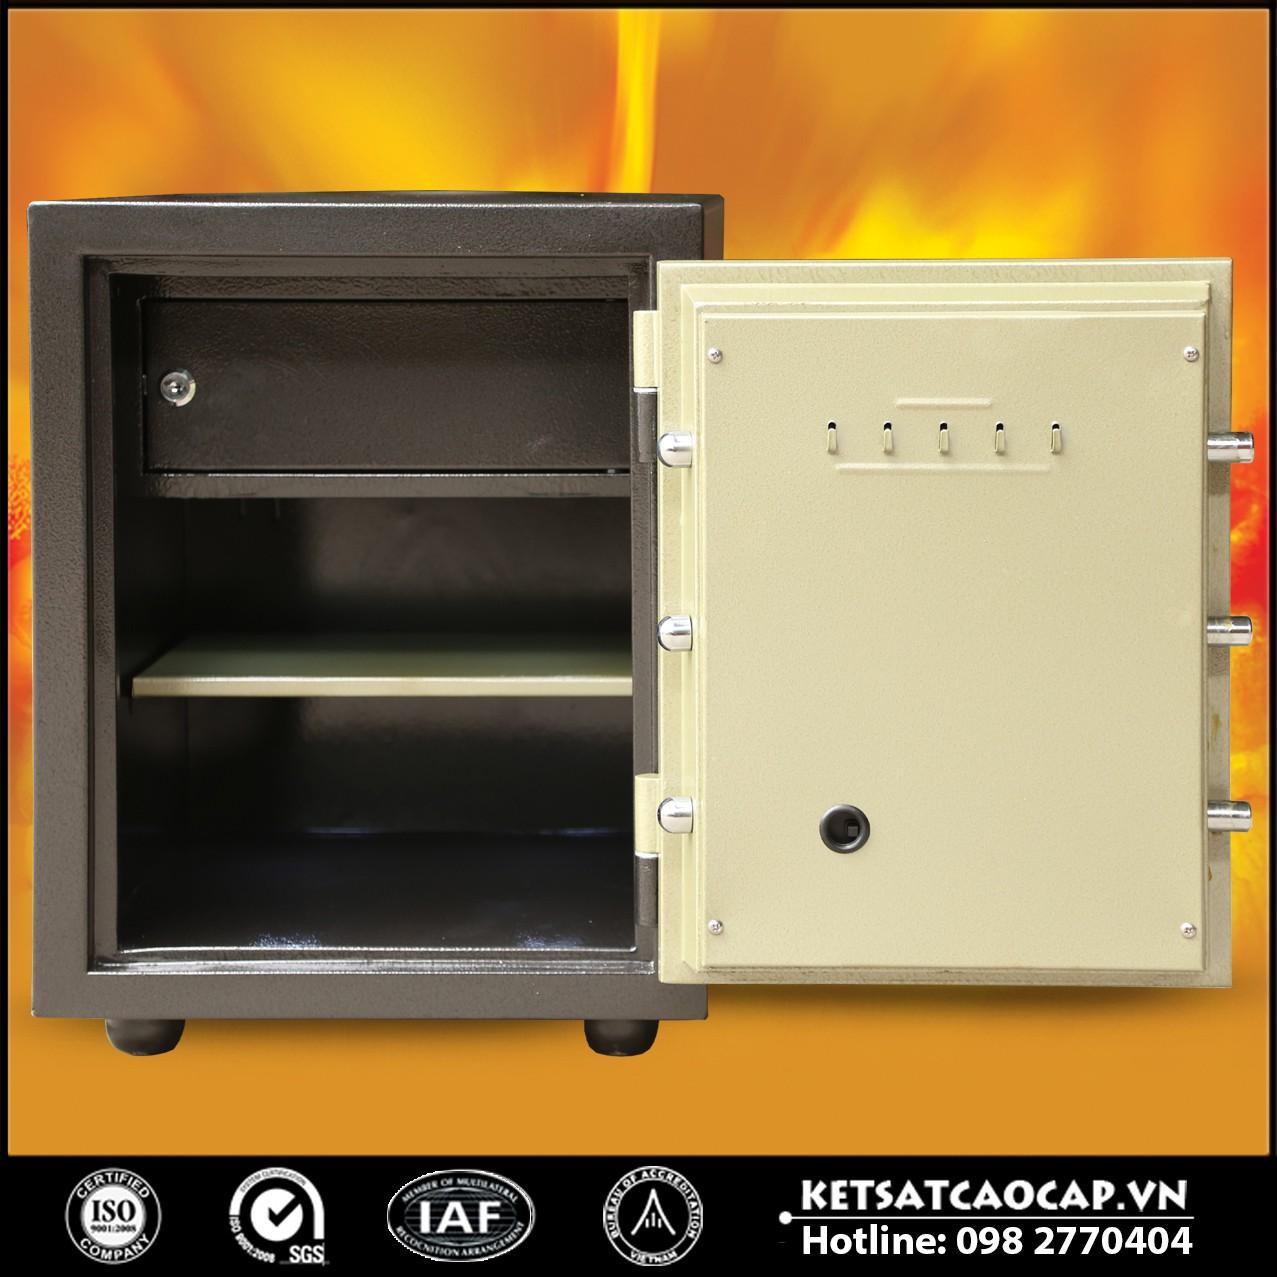 Két Sắt Chống Cháy LX500 - E Gold